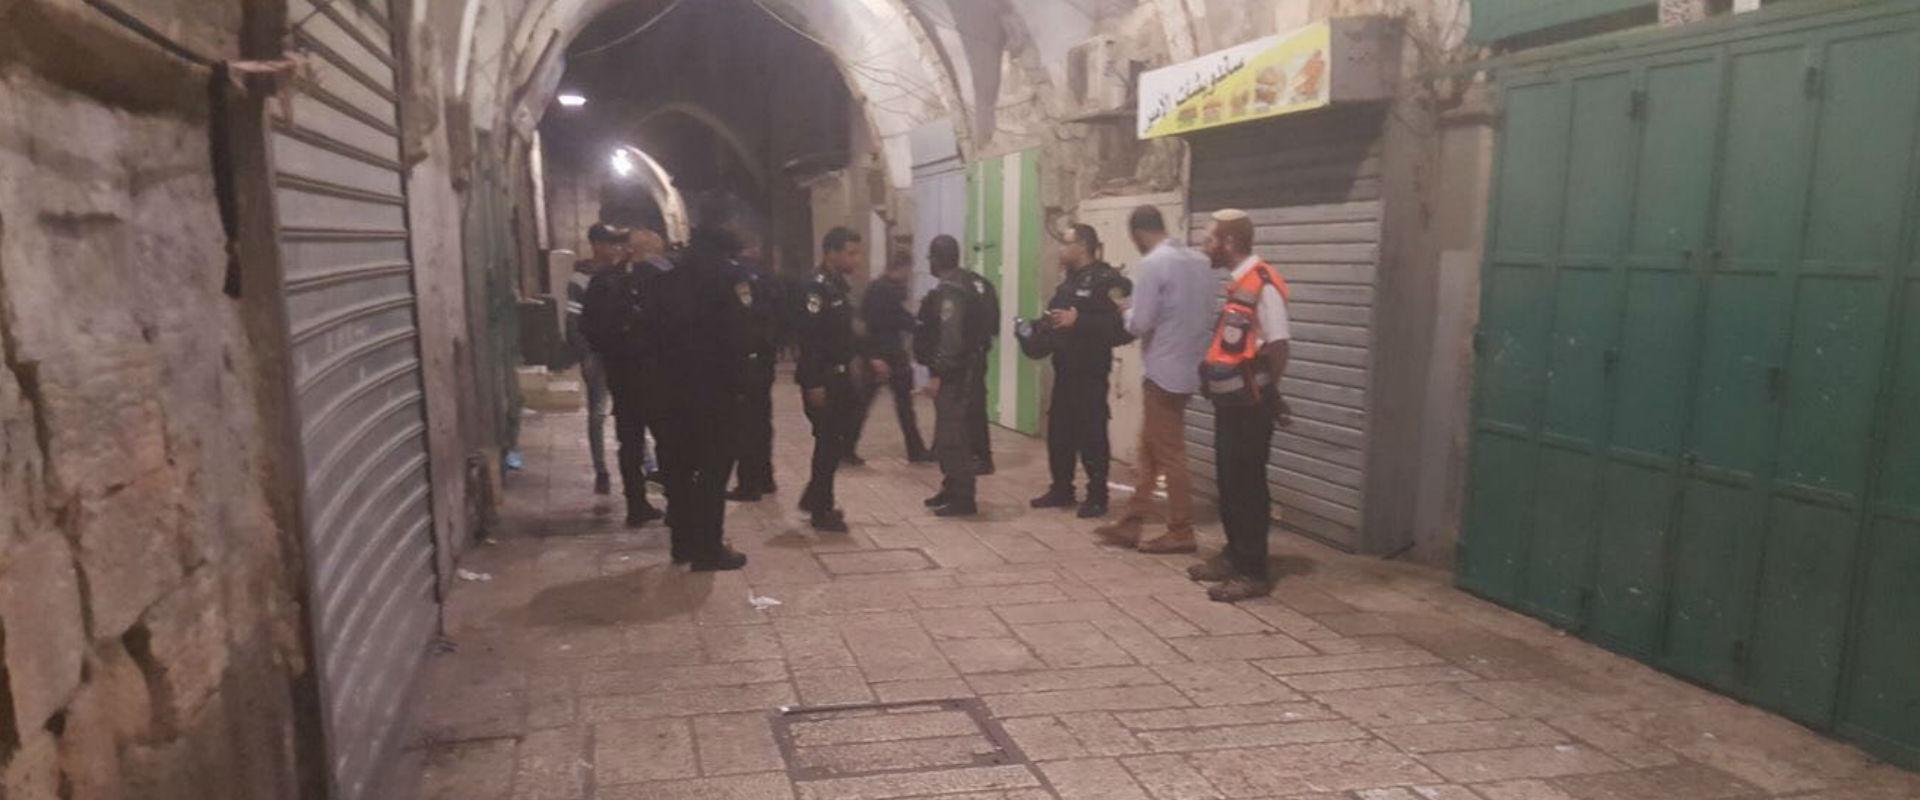 שוטרים באזור הקטטה בעיר העתיקה בירושלים